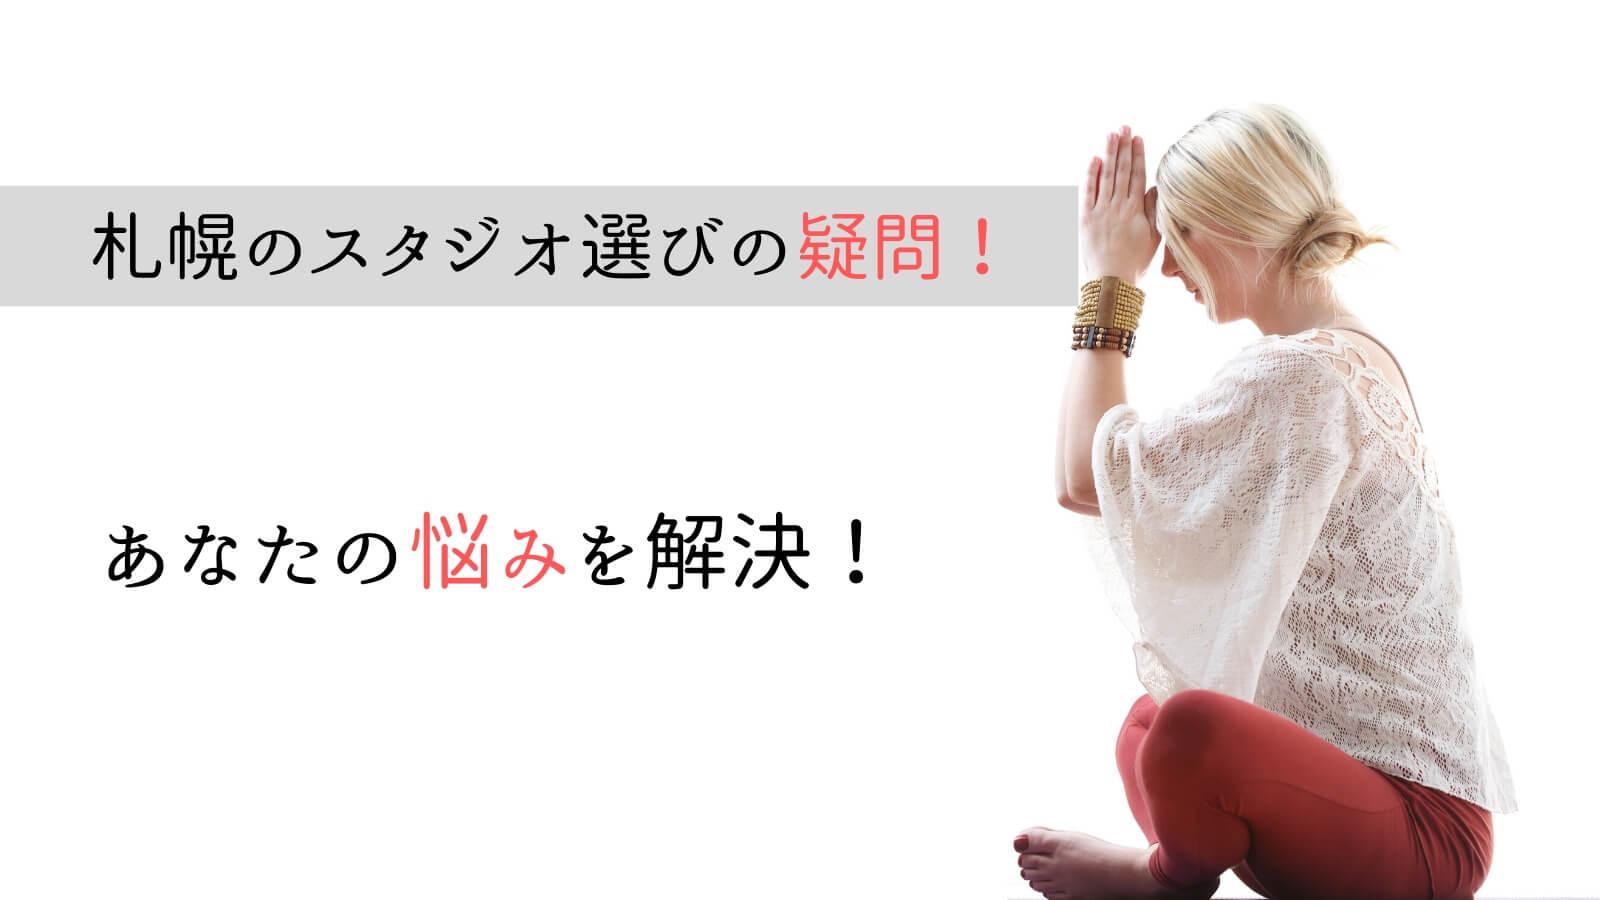 札幌市でのヨガ・ホットヨガスタジオ選びに関するQ&A